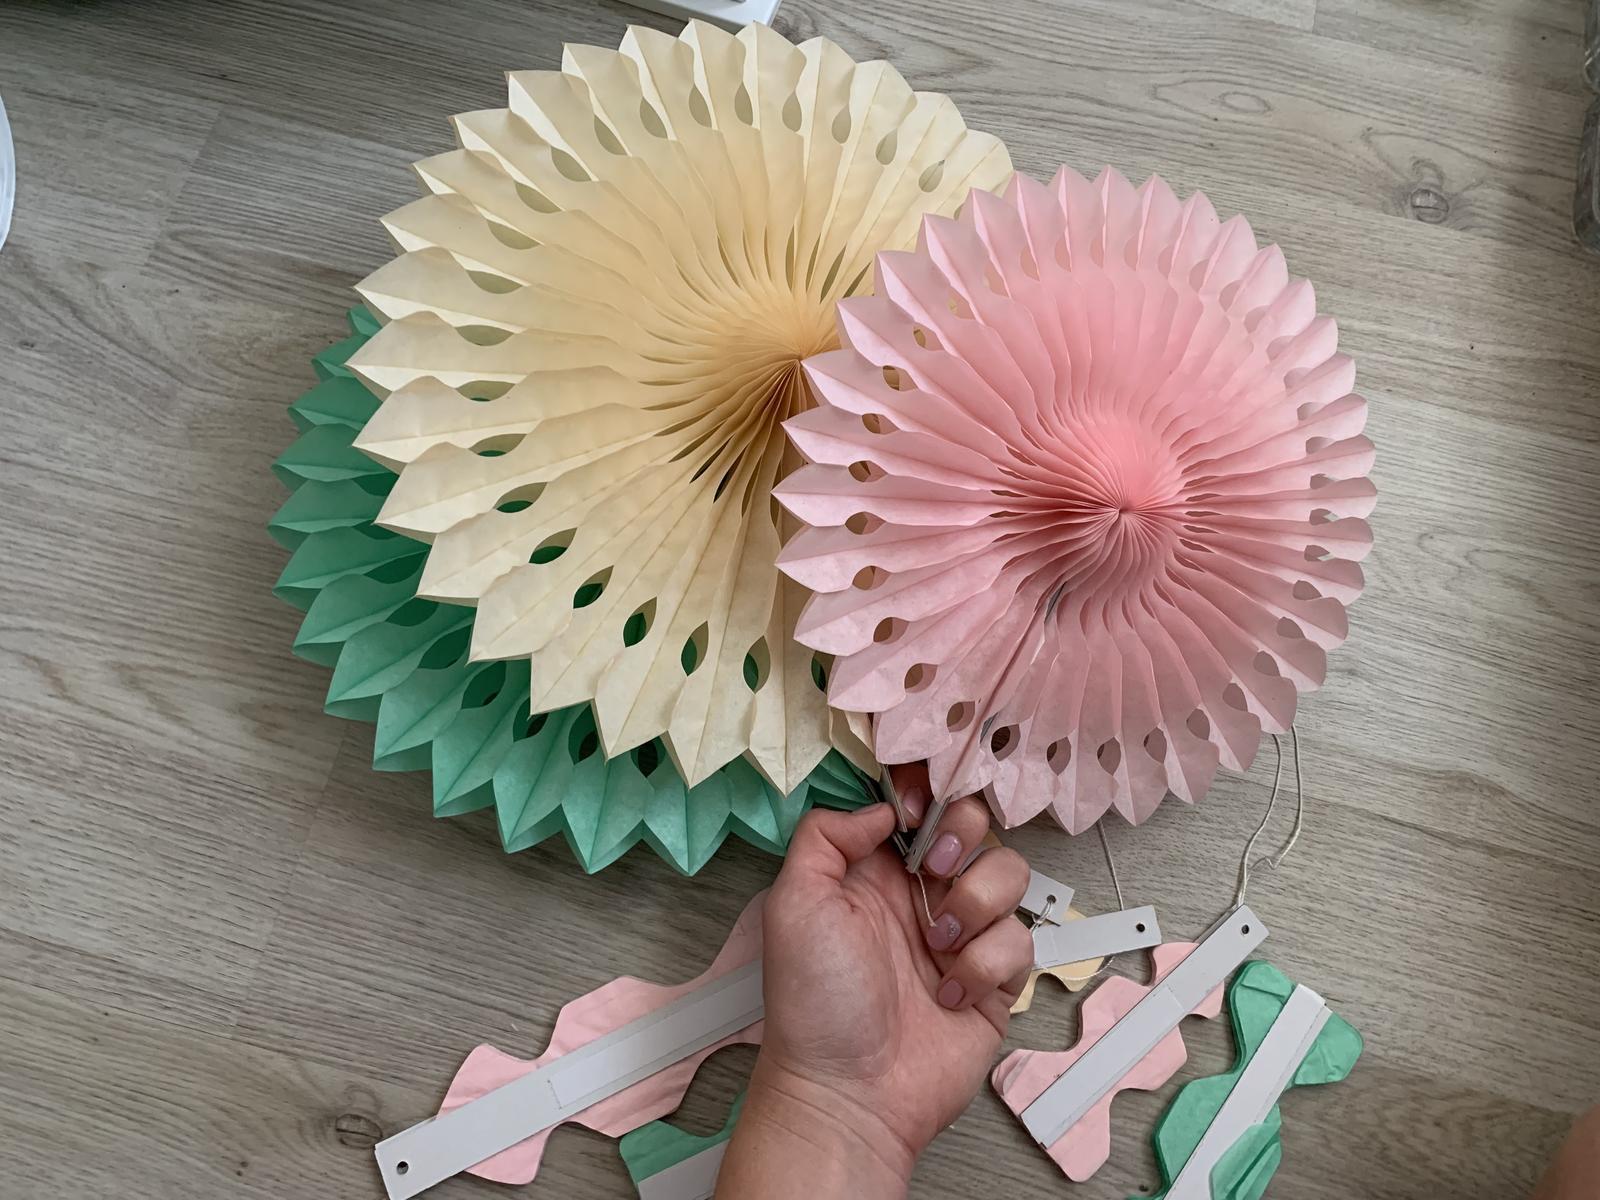 Barevné rozety krémová světle růžová mint  - Obrázek č. 1